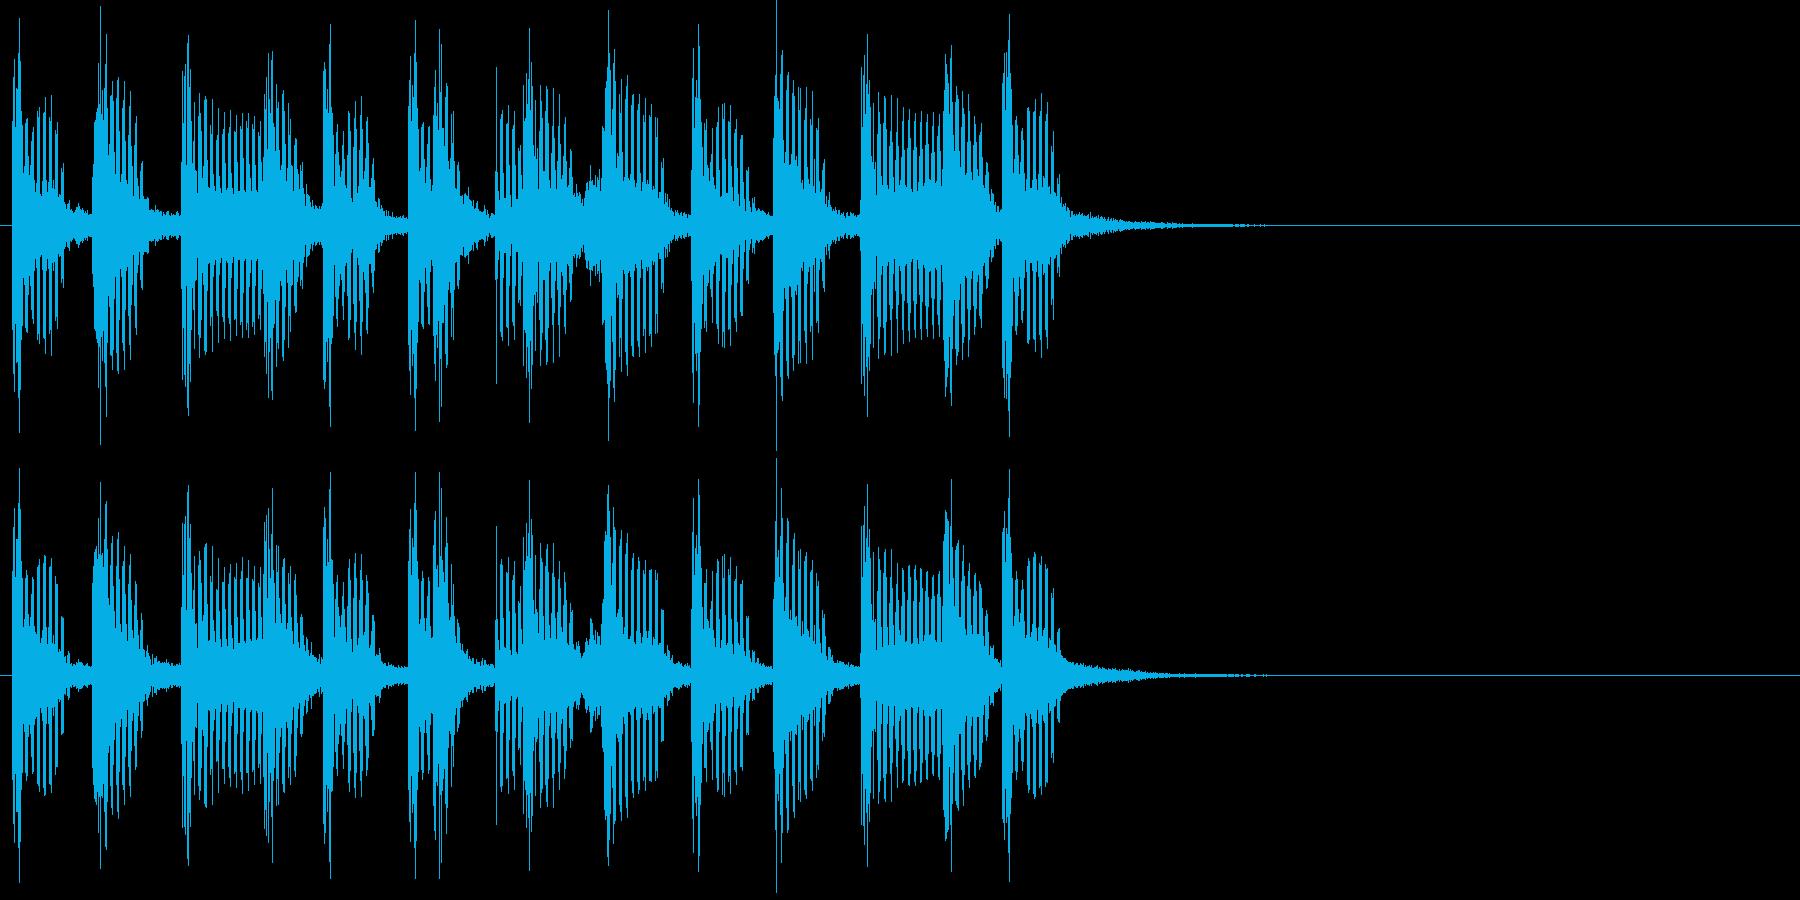 2小節ジングル01 モータウンビート1の再生済みの波形